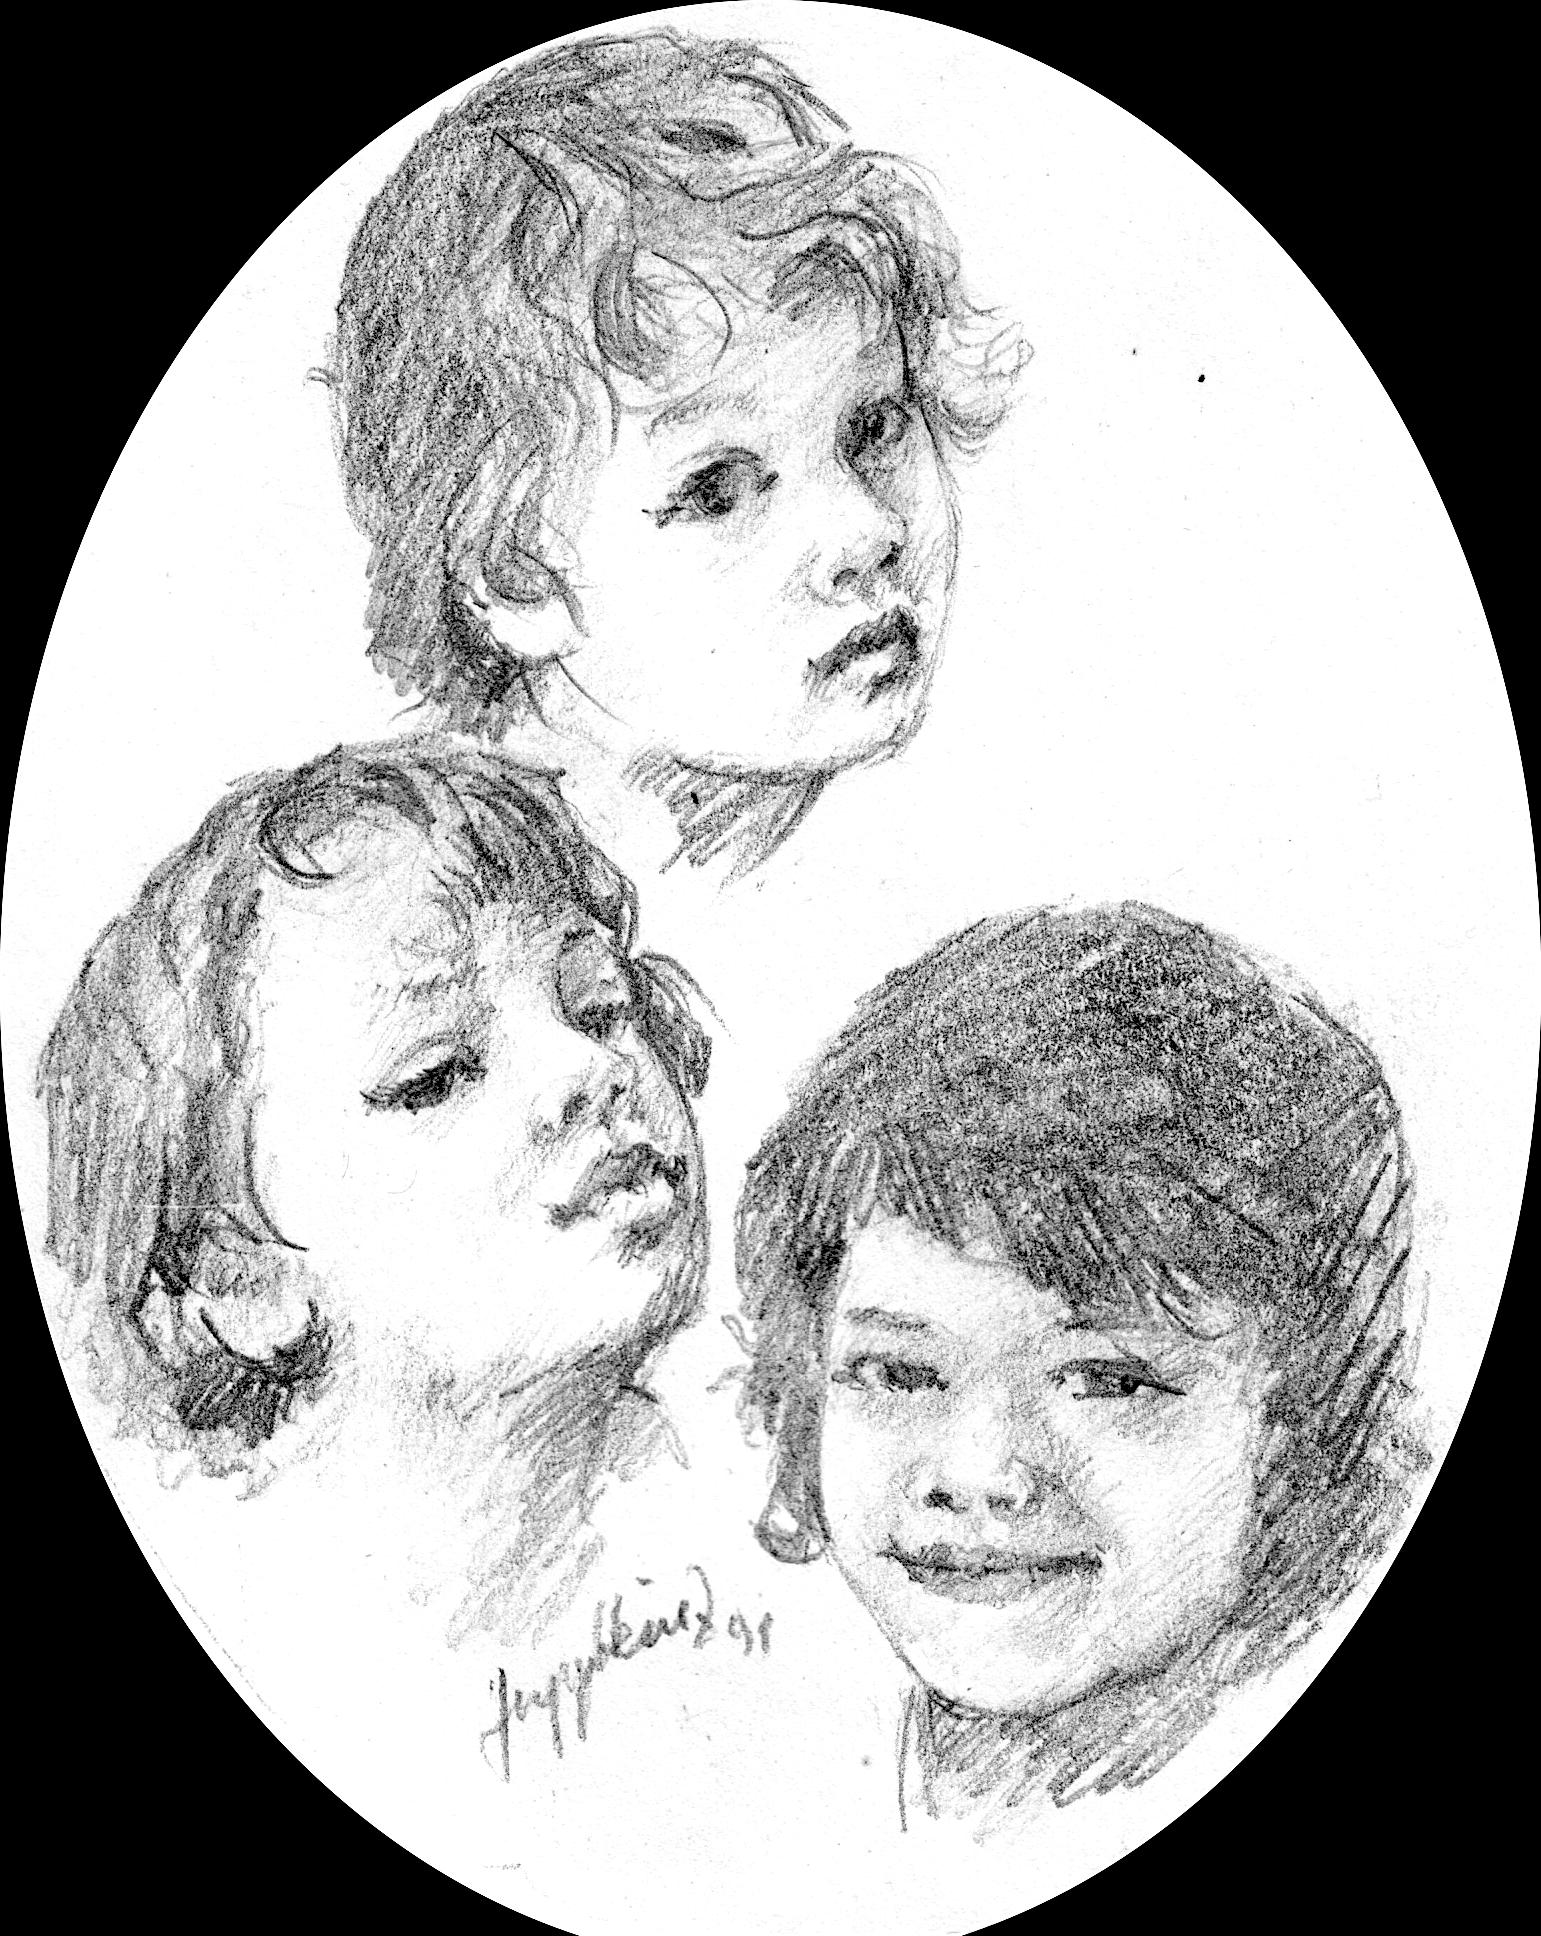 Portrait der Enkel 1991